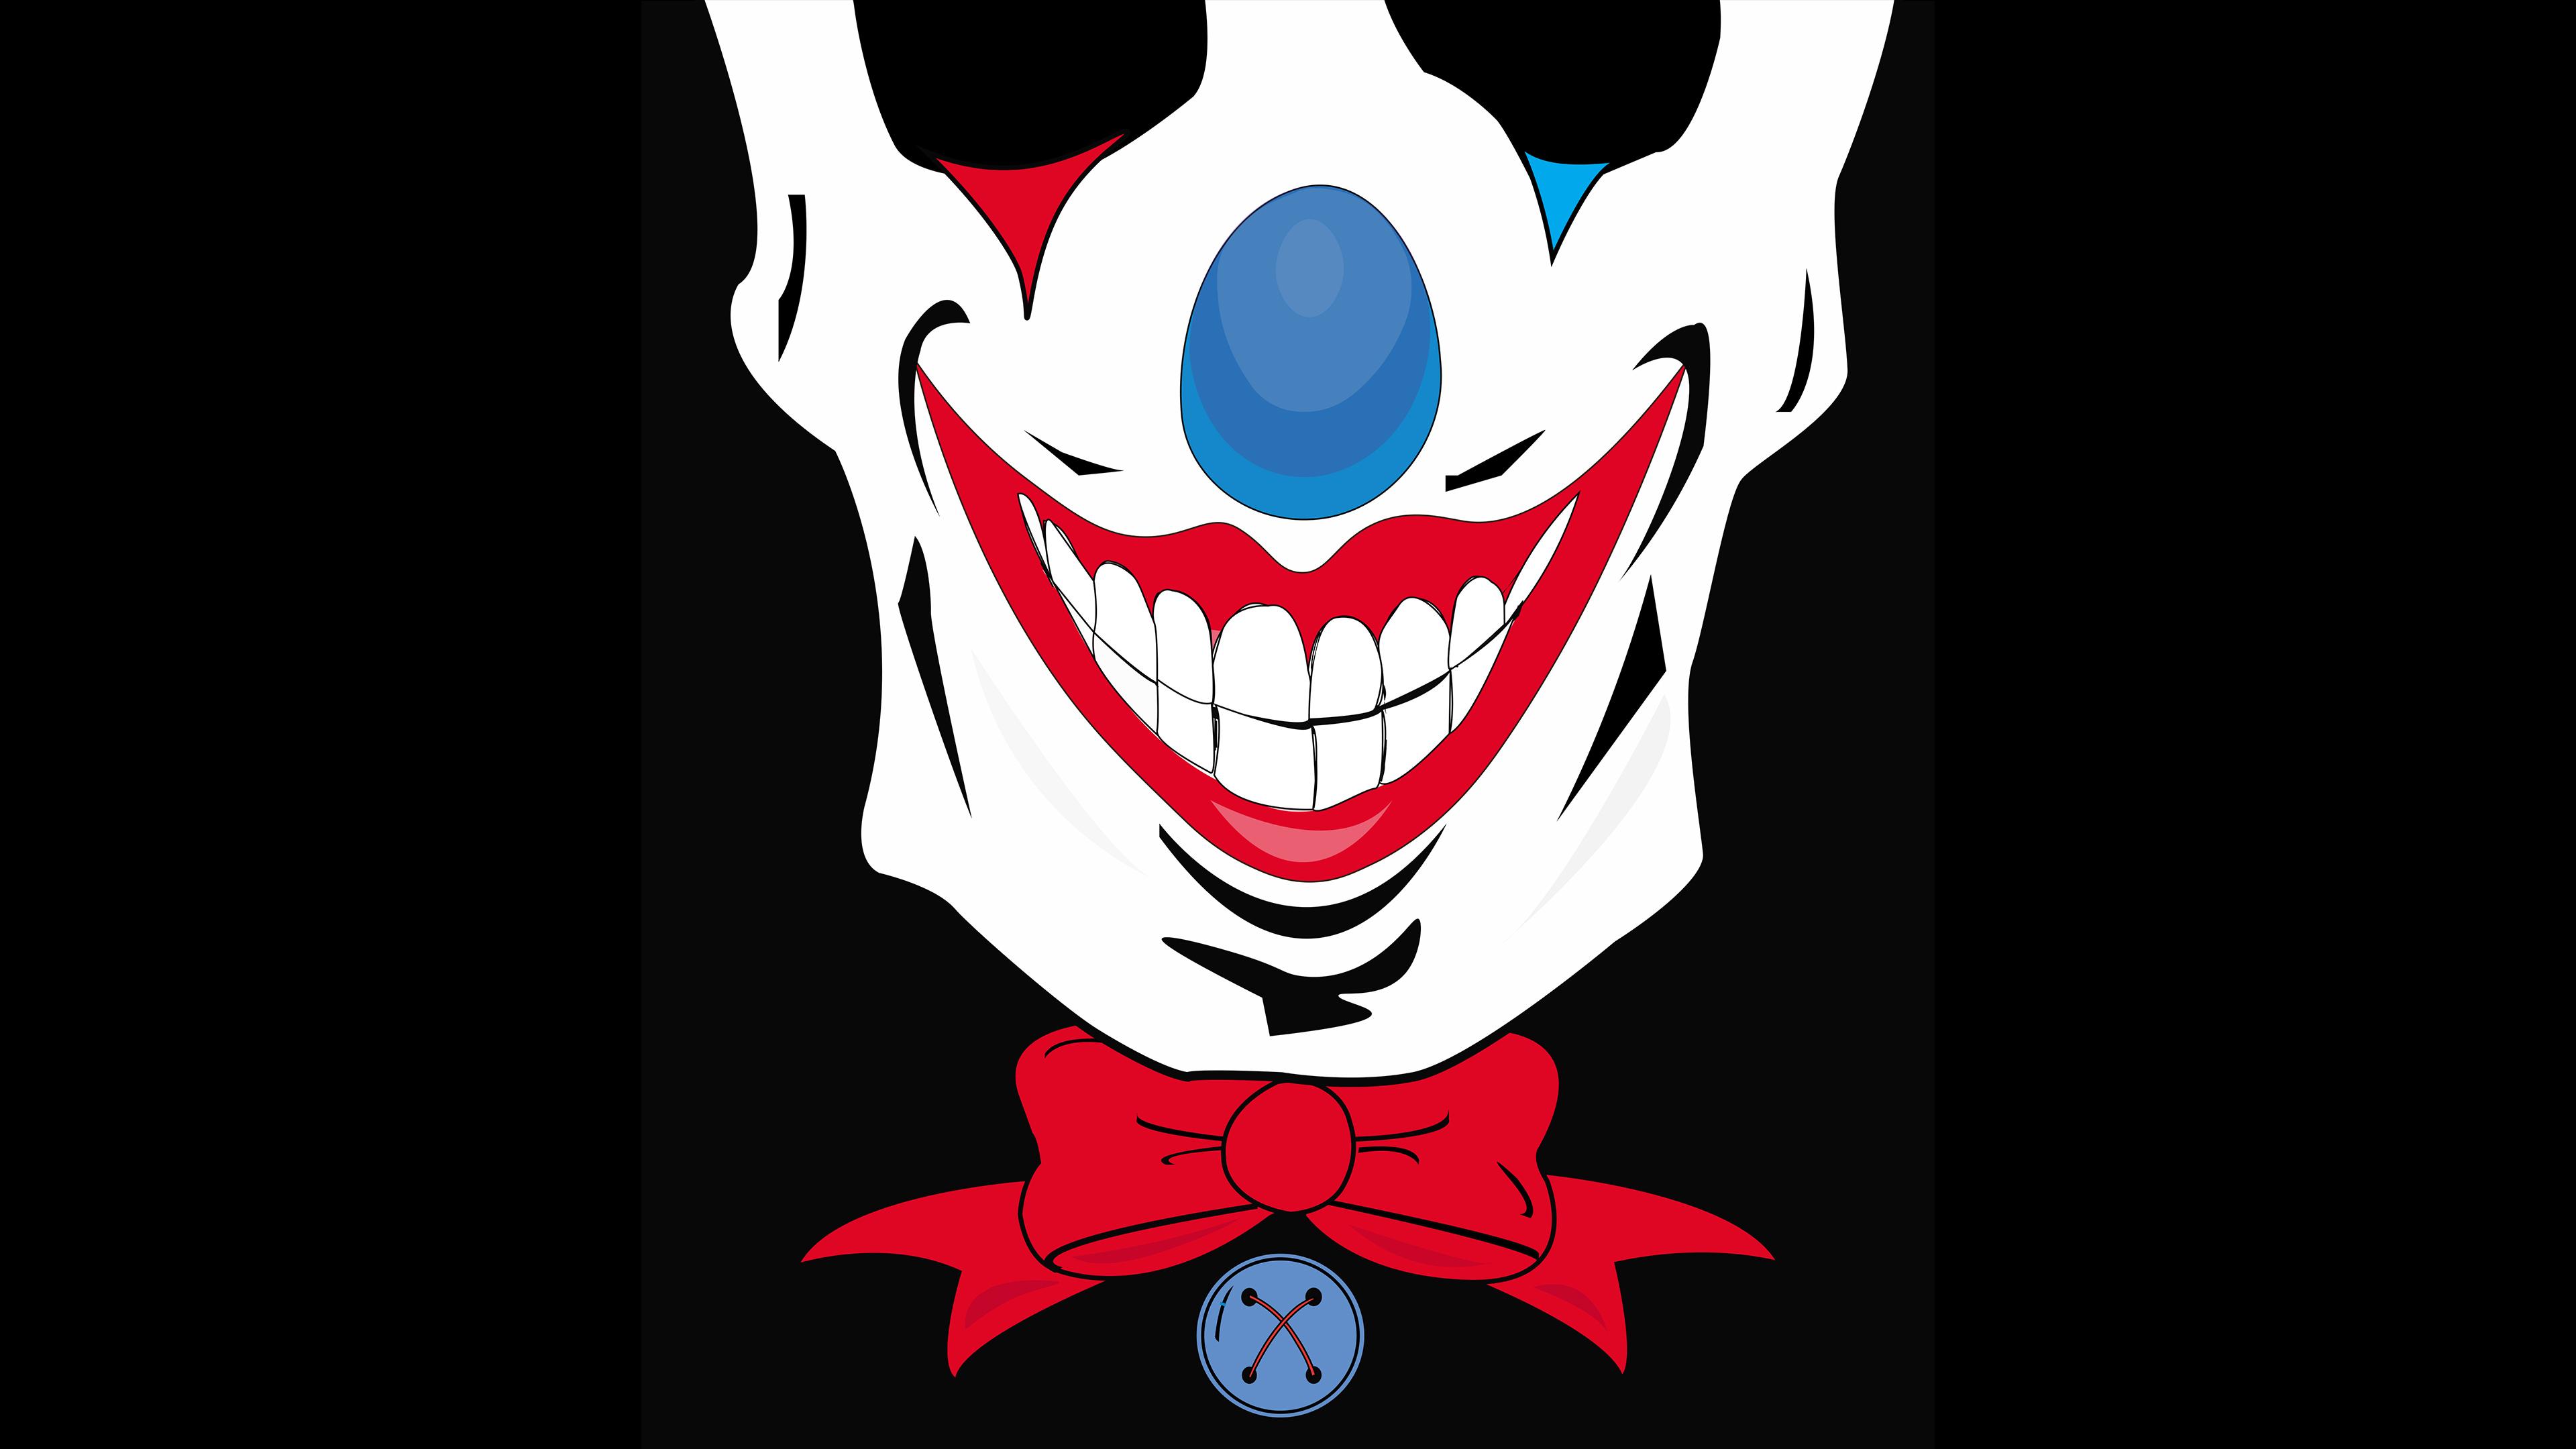 2048x2048 Joker Minimalist Dark Ipad Air HD 4k Wallpapers, Images